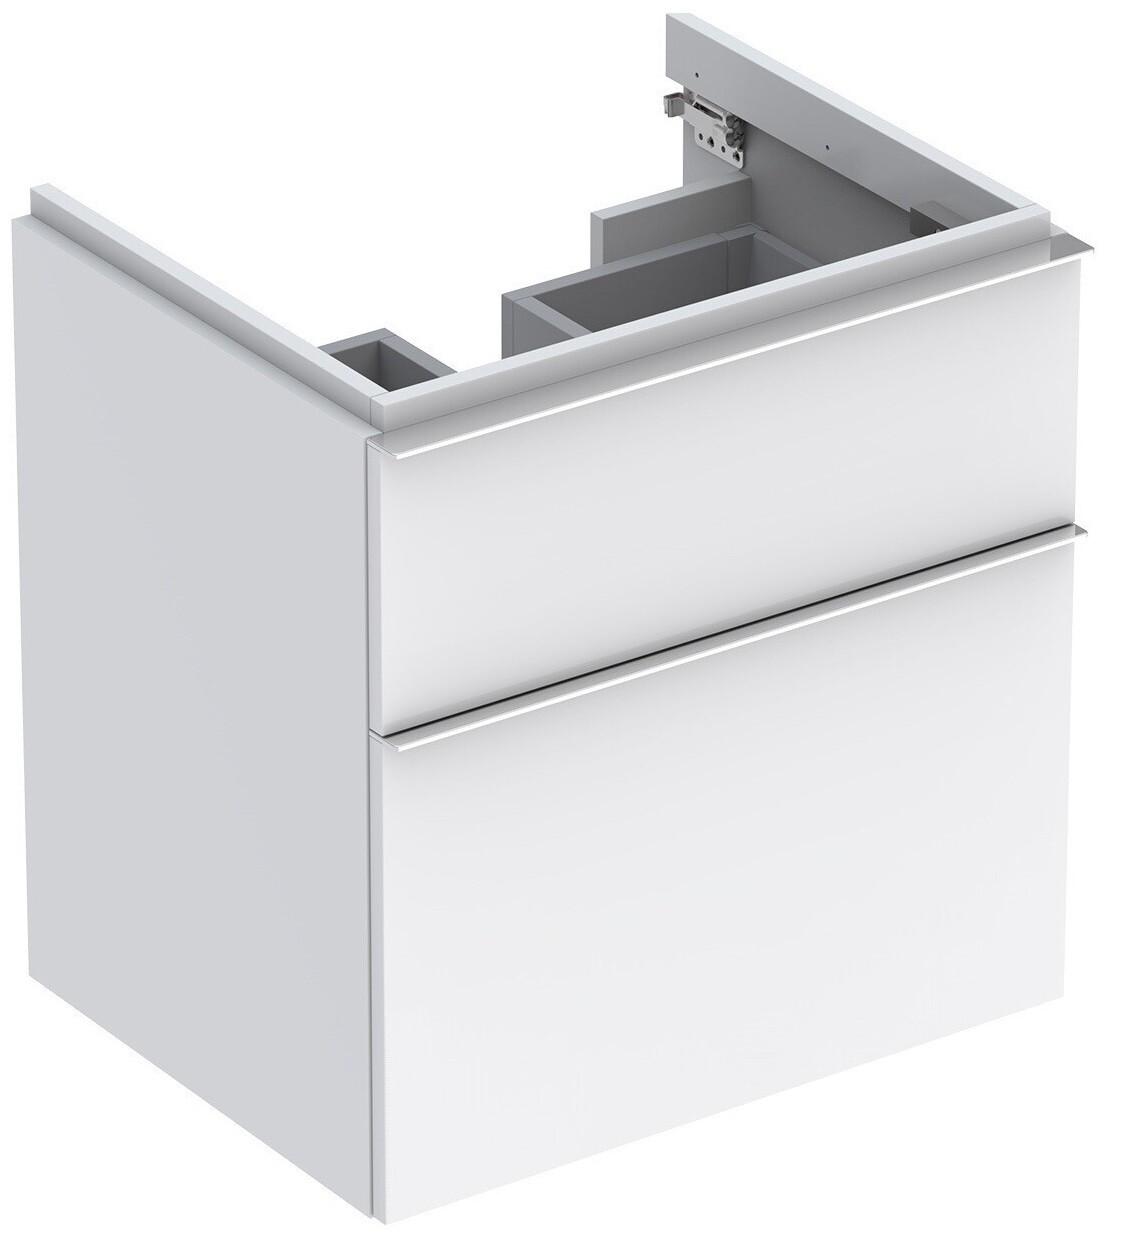 Meuble bas pour lavabo Geberit iCon 60 cm avec deux tiroirs en blanc laqué mat